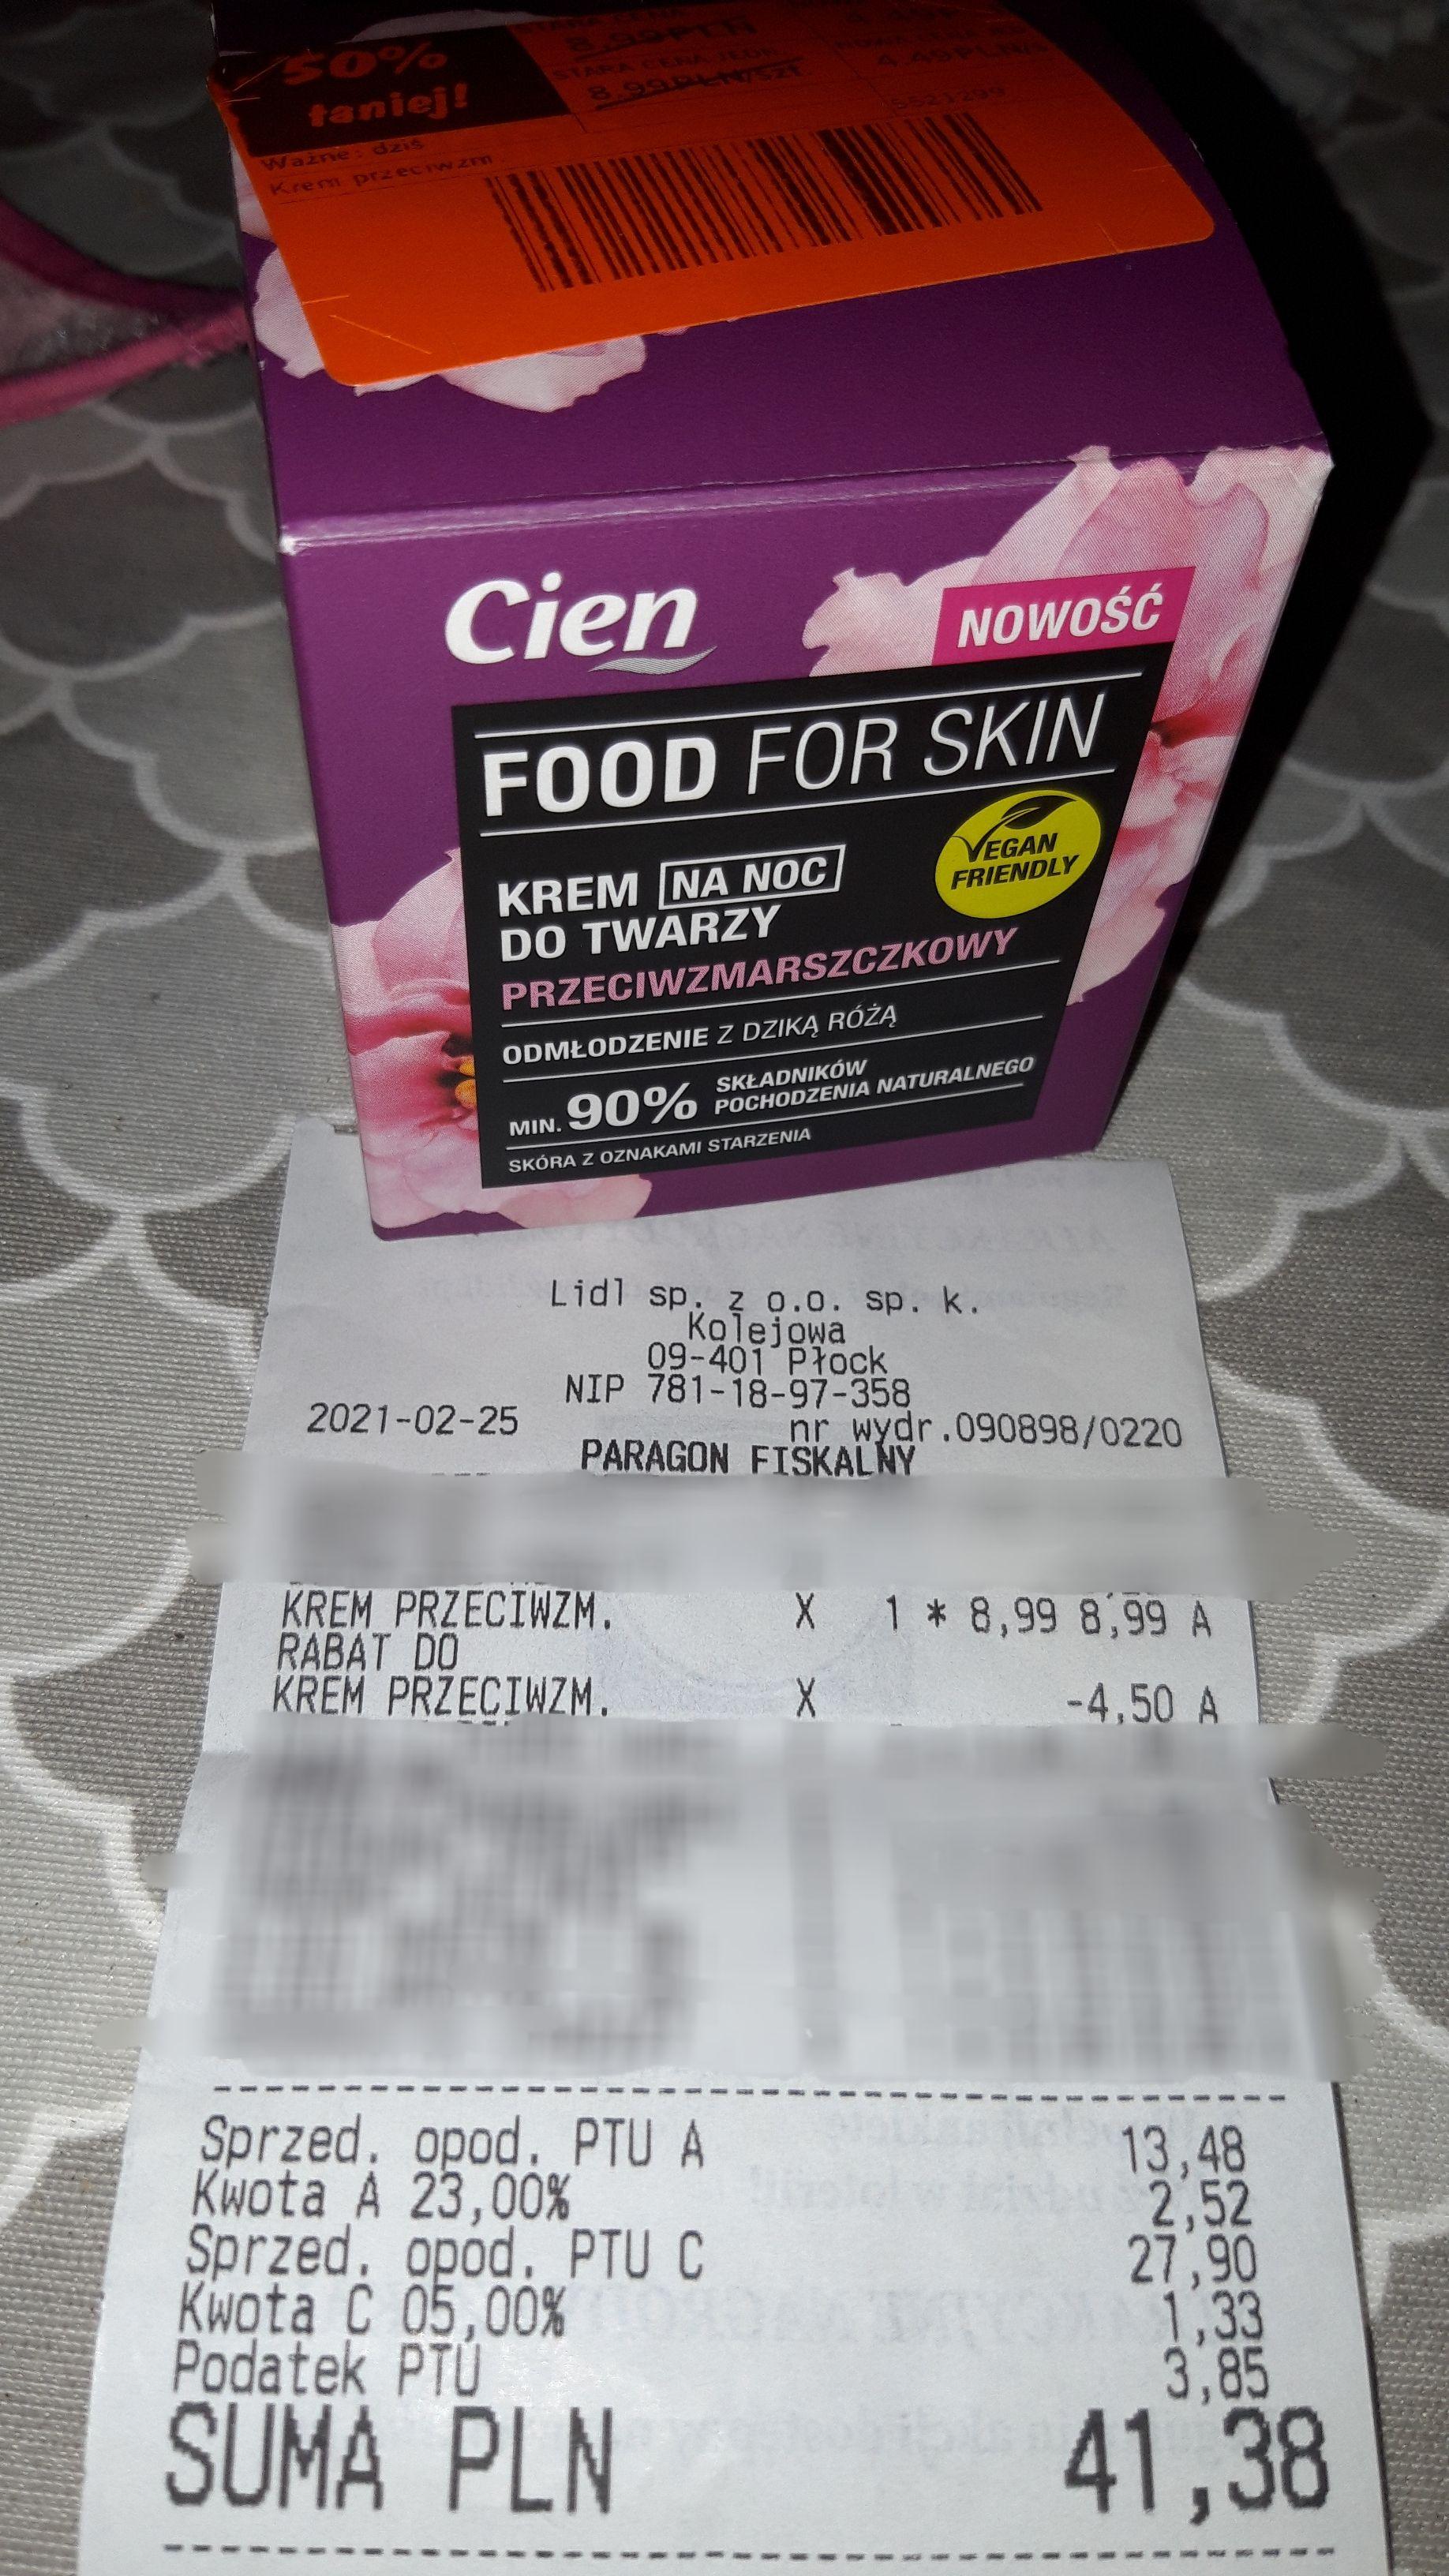 Krem do twarzy, Cień Food For Skin, dwa rodzaje, 50ml, Lidl Płock